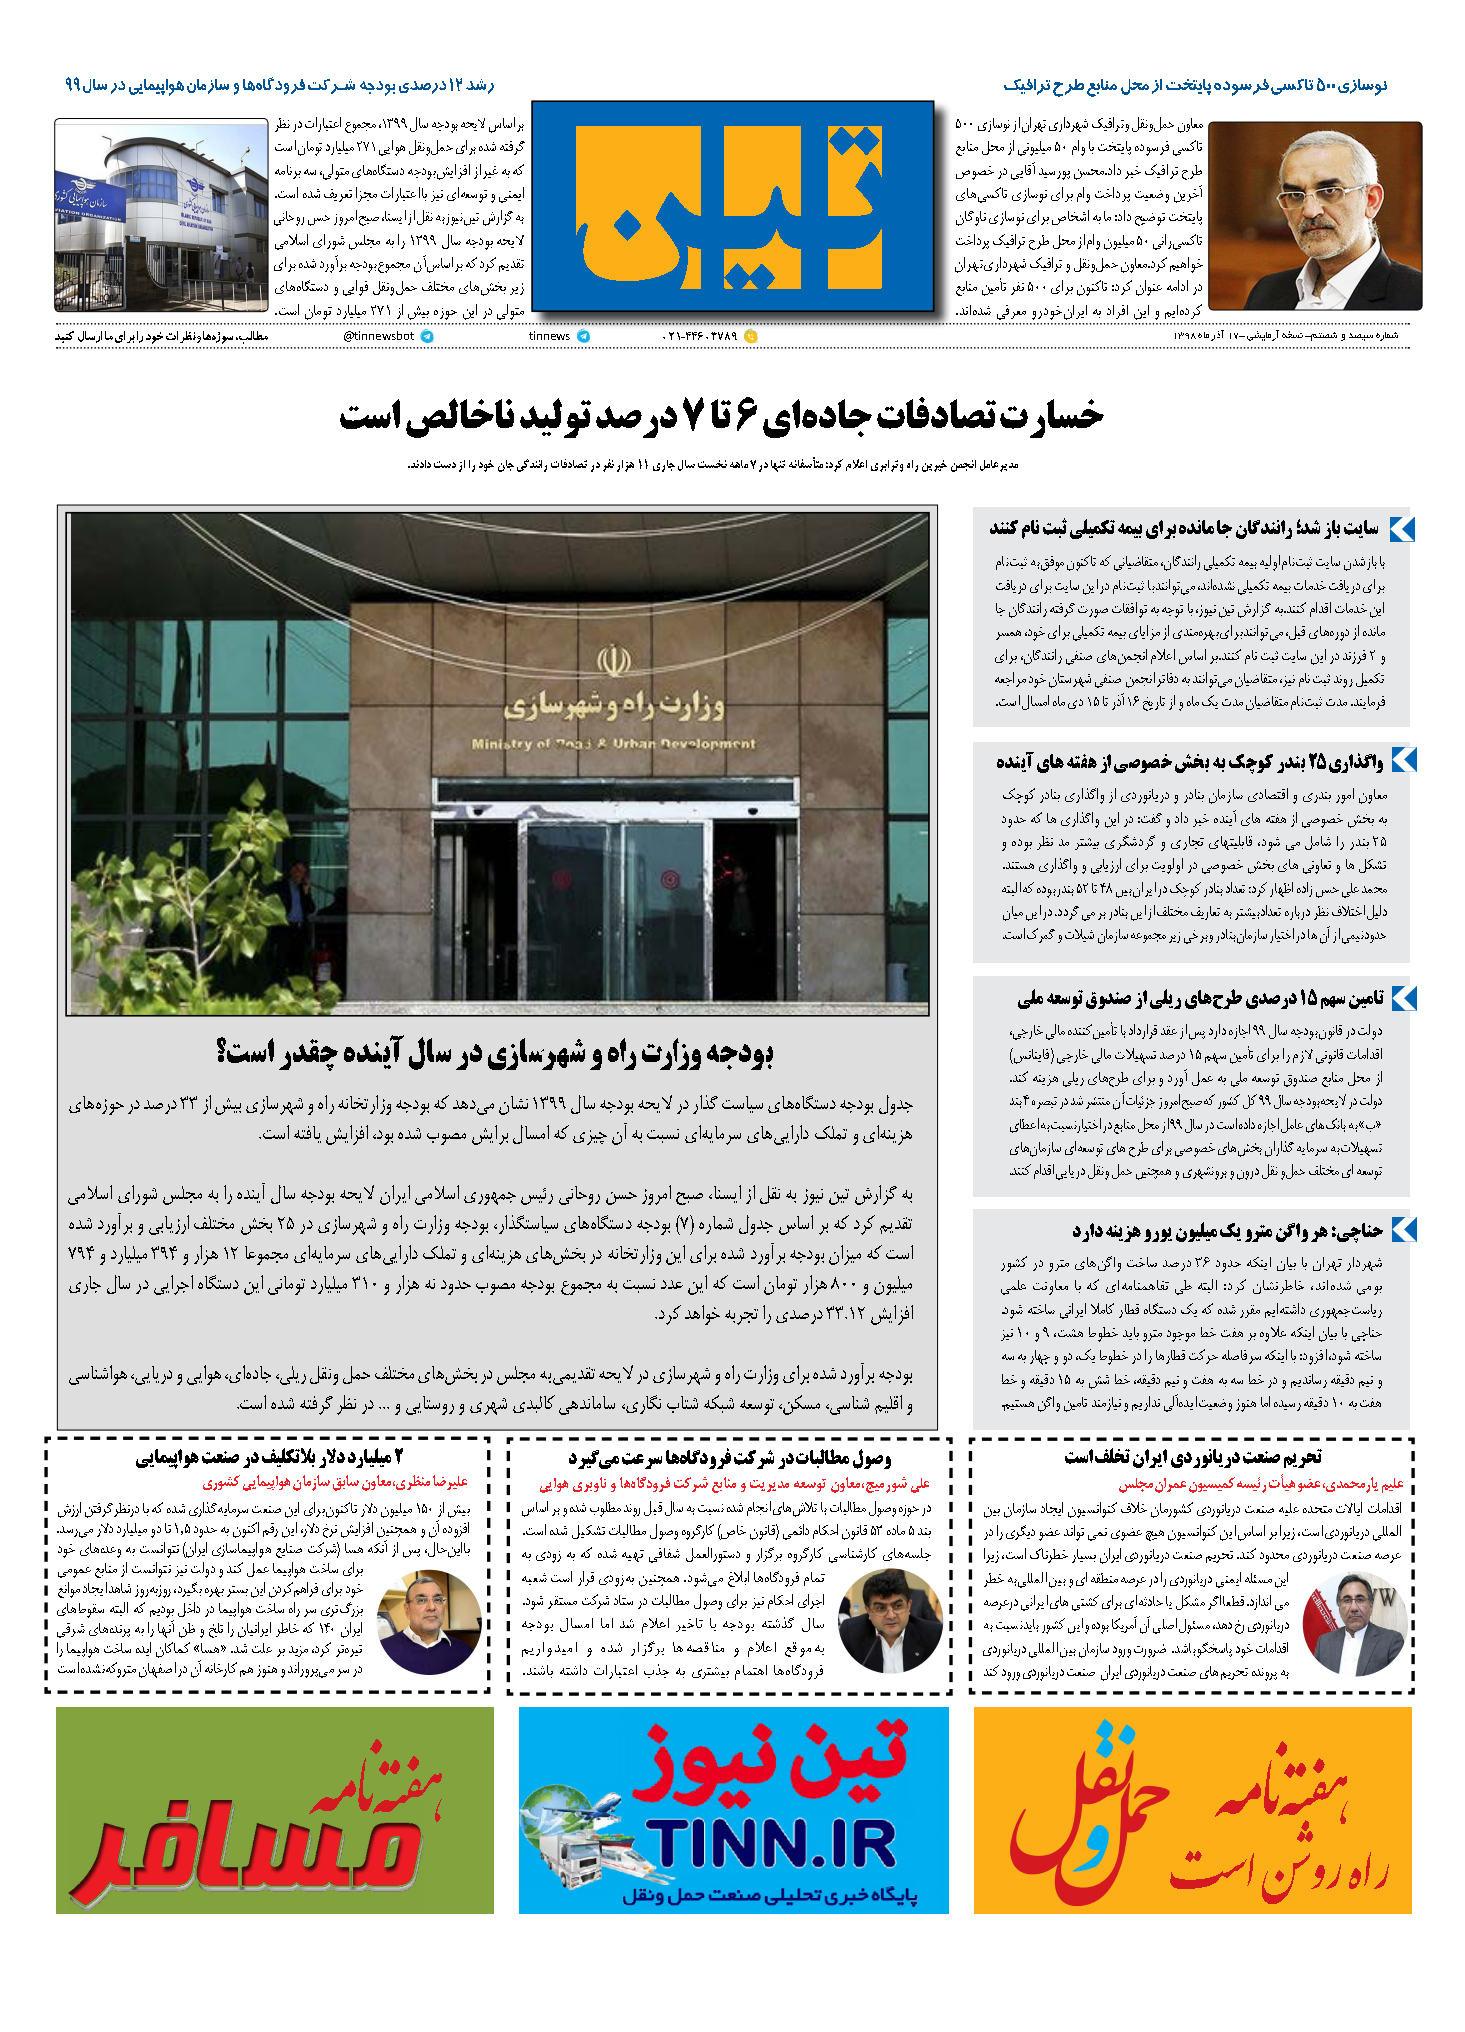 روزنامه الکترونیک 17 آذر ماه 98